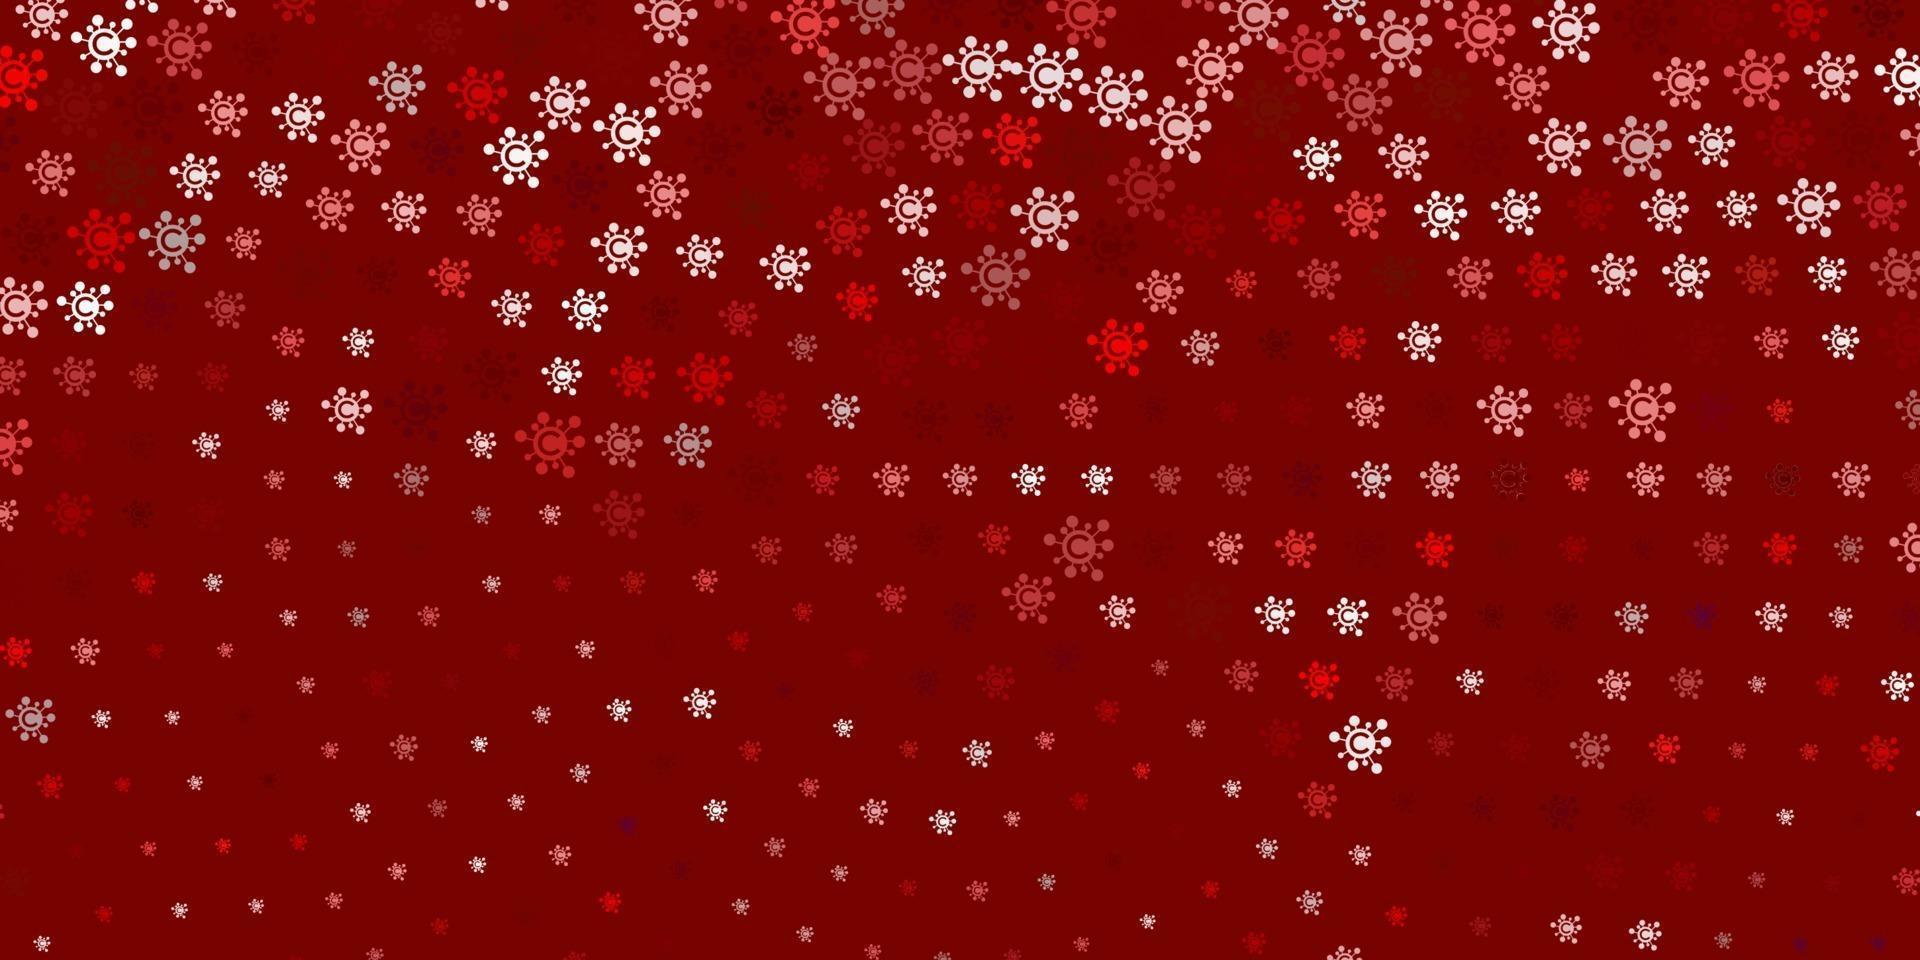 sfondo vettoriale rosso chiaro con simboli di virus.